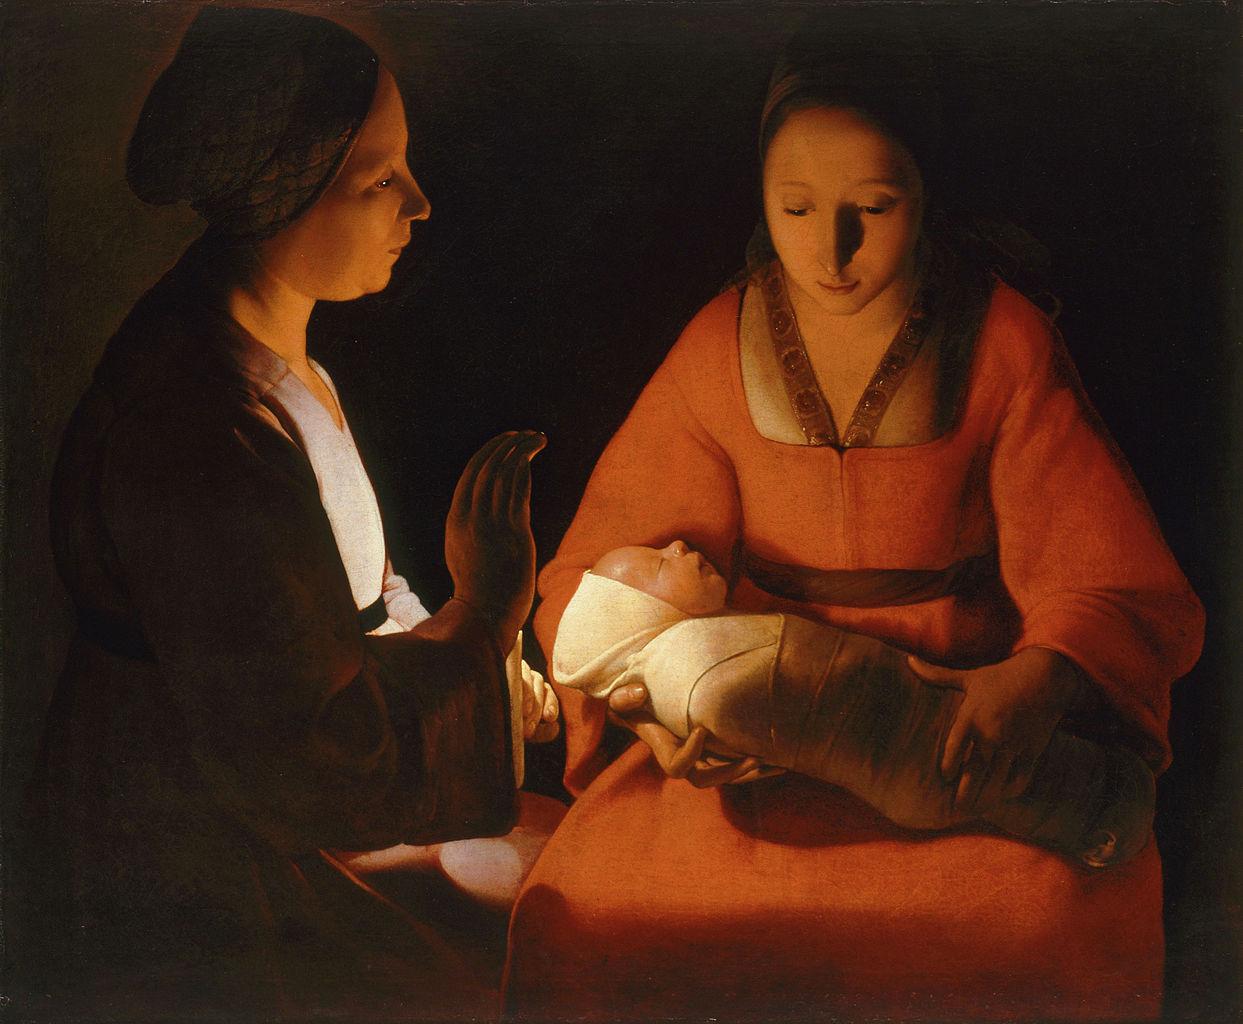 El recién nacido. Georges de La Tour. Óleo sobre lienzo, 76 x 91 cm.  Rennes, Musée des beaux-arts de Rennes